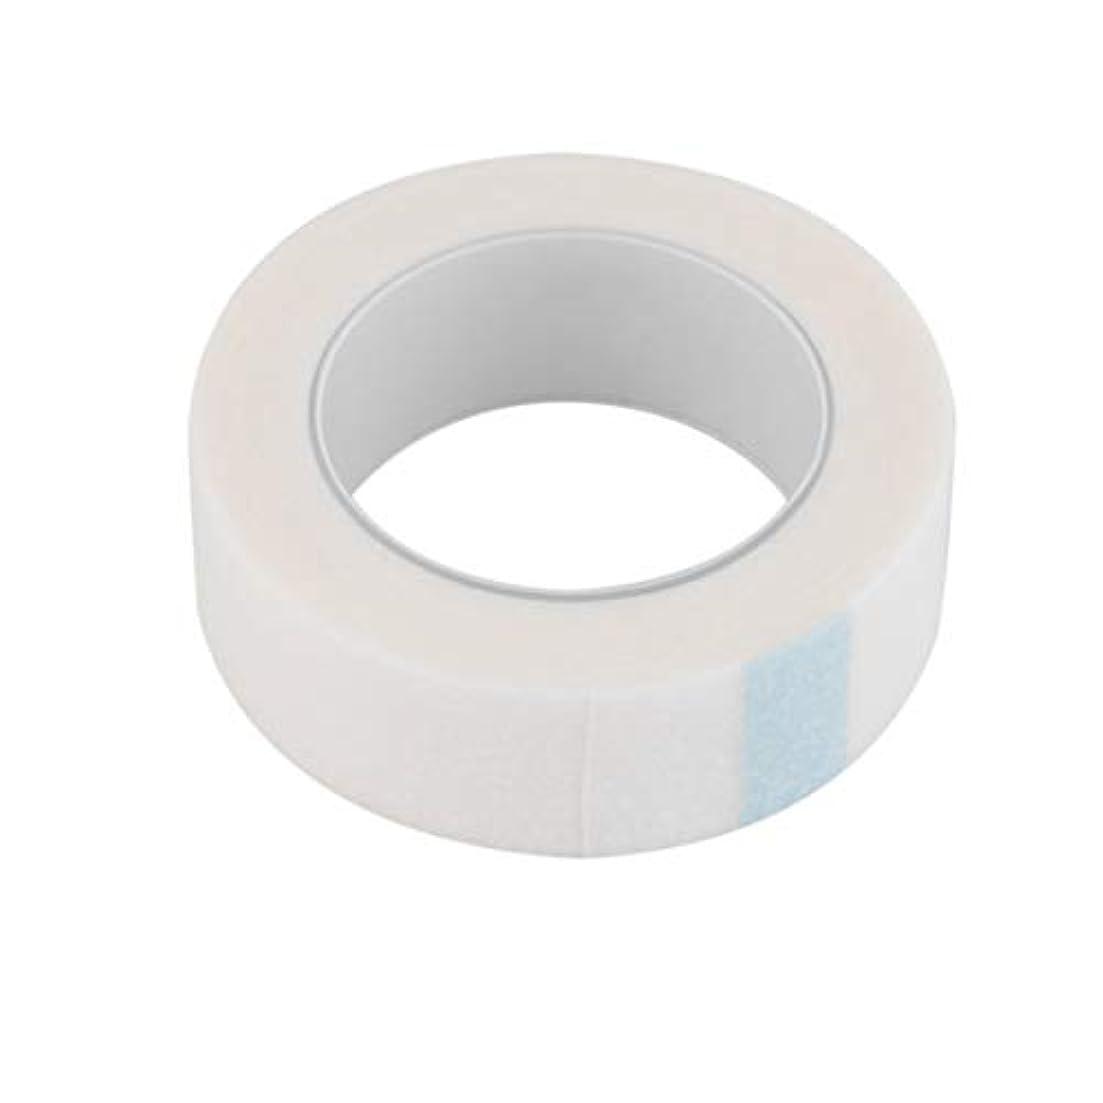 パステルフェザー暴力的なIntercorey 1ロール個々のまつげエクステンションツール供給医療テープ医療まつげエクステンションミクロ孔紙化粧